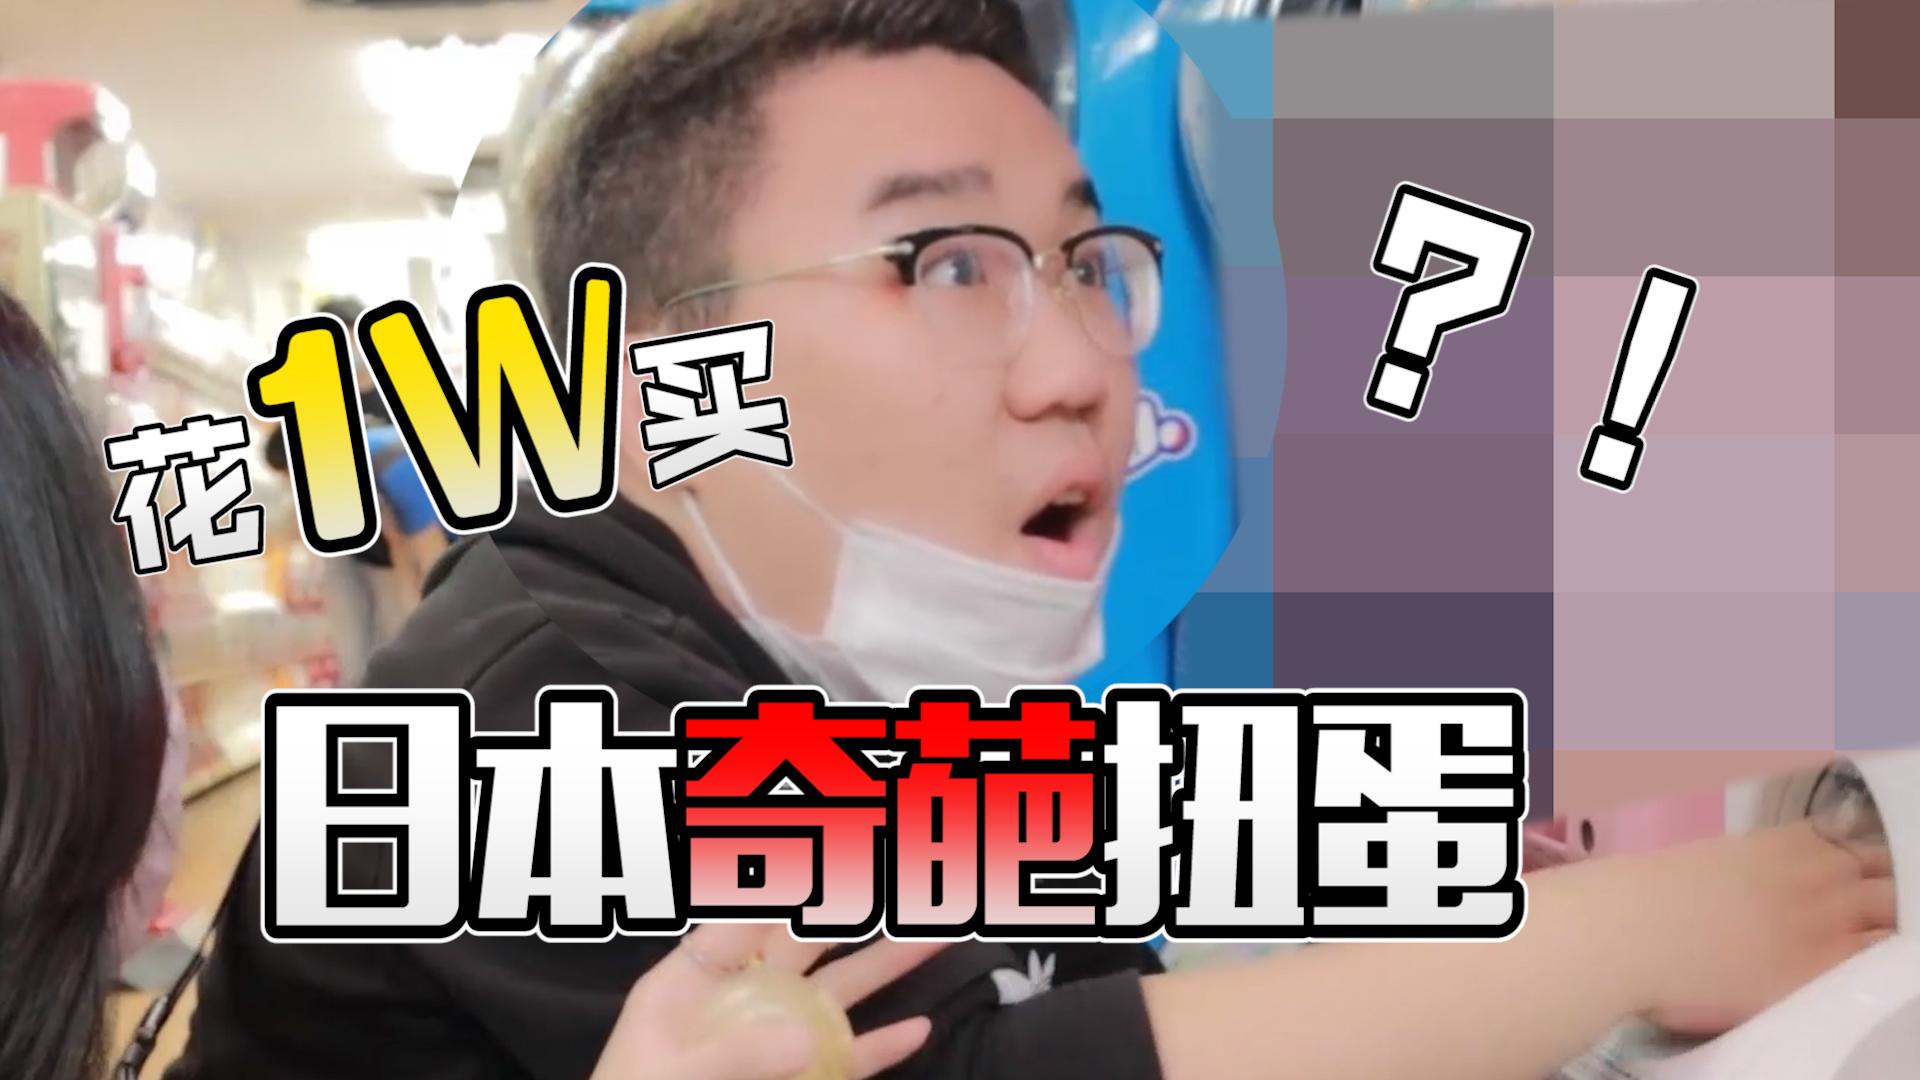 挑战买1W日元奇葩扭蛋,你管这也叫扭蛋?